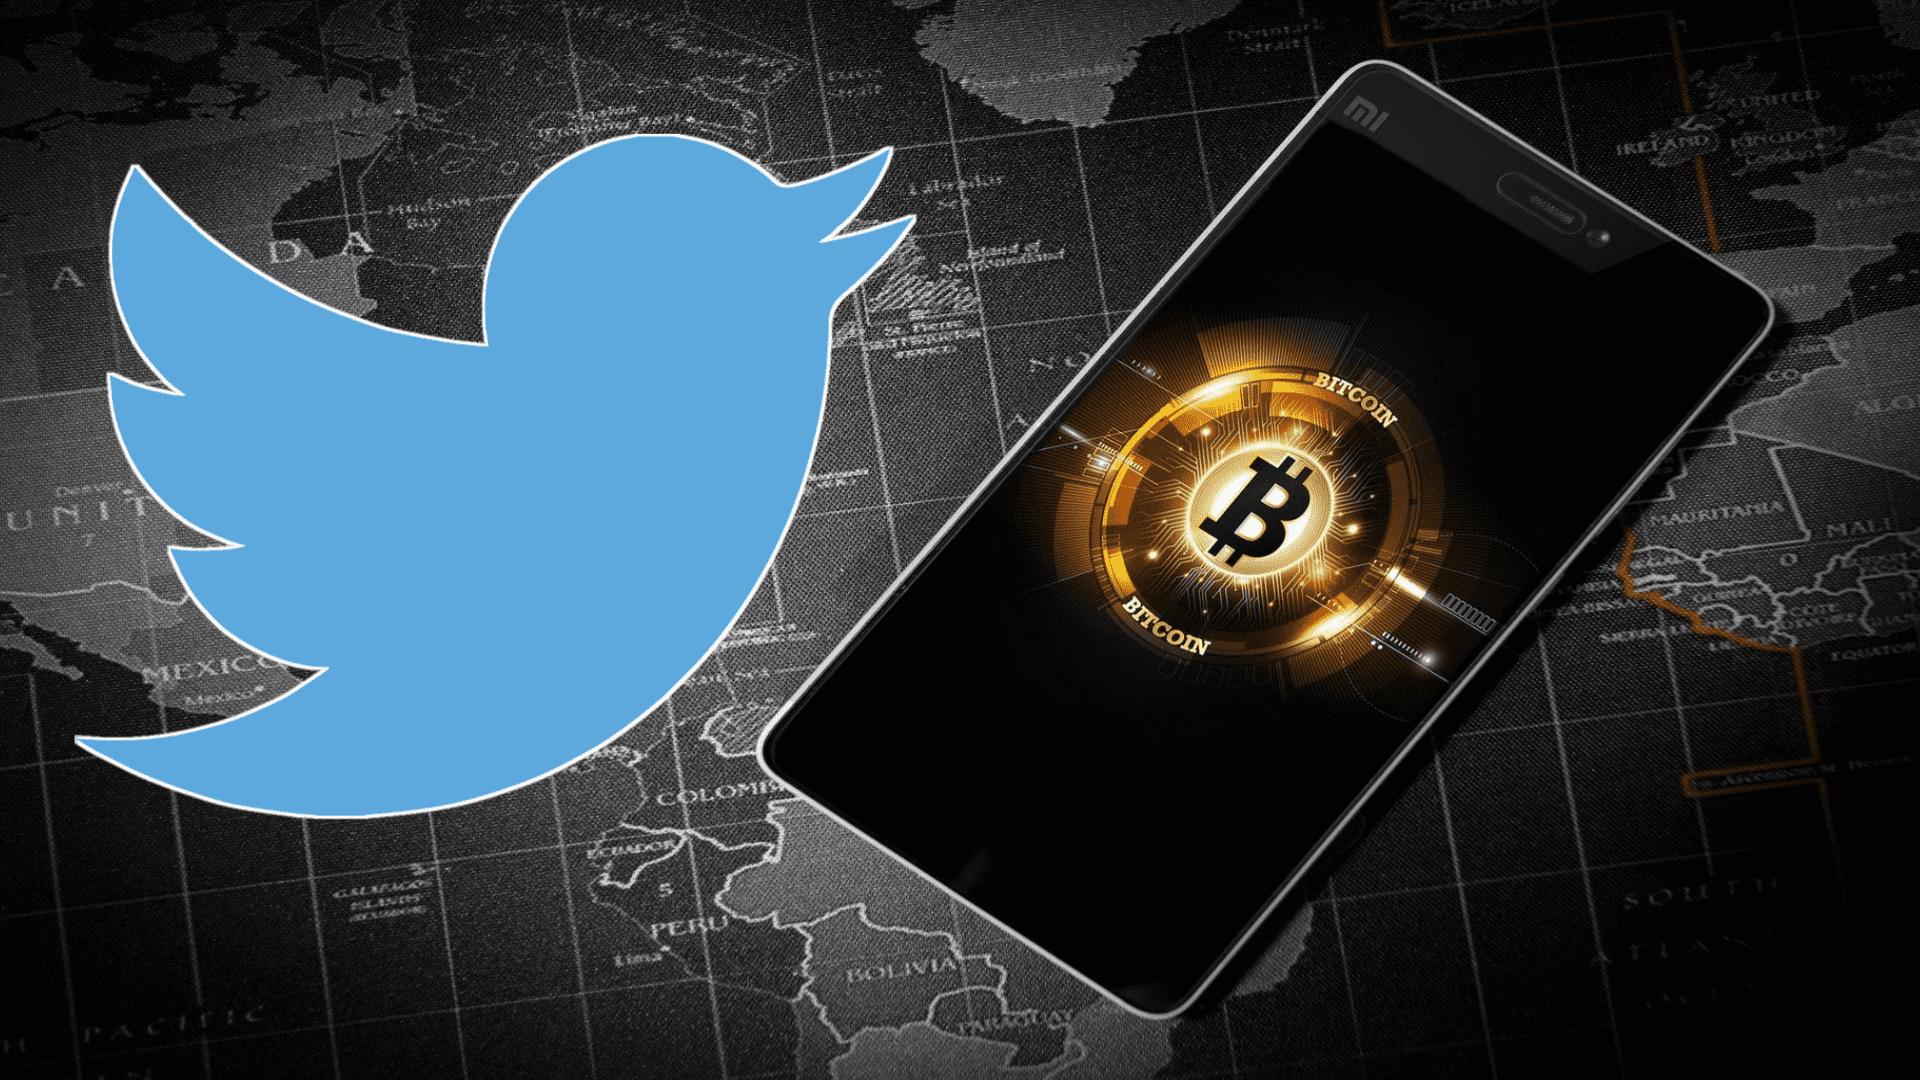 جاك دورسي البيتكوين هو مستقبل تويتر ويشكل جزء كبير منة